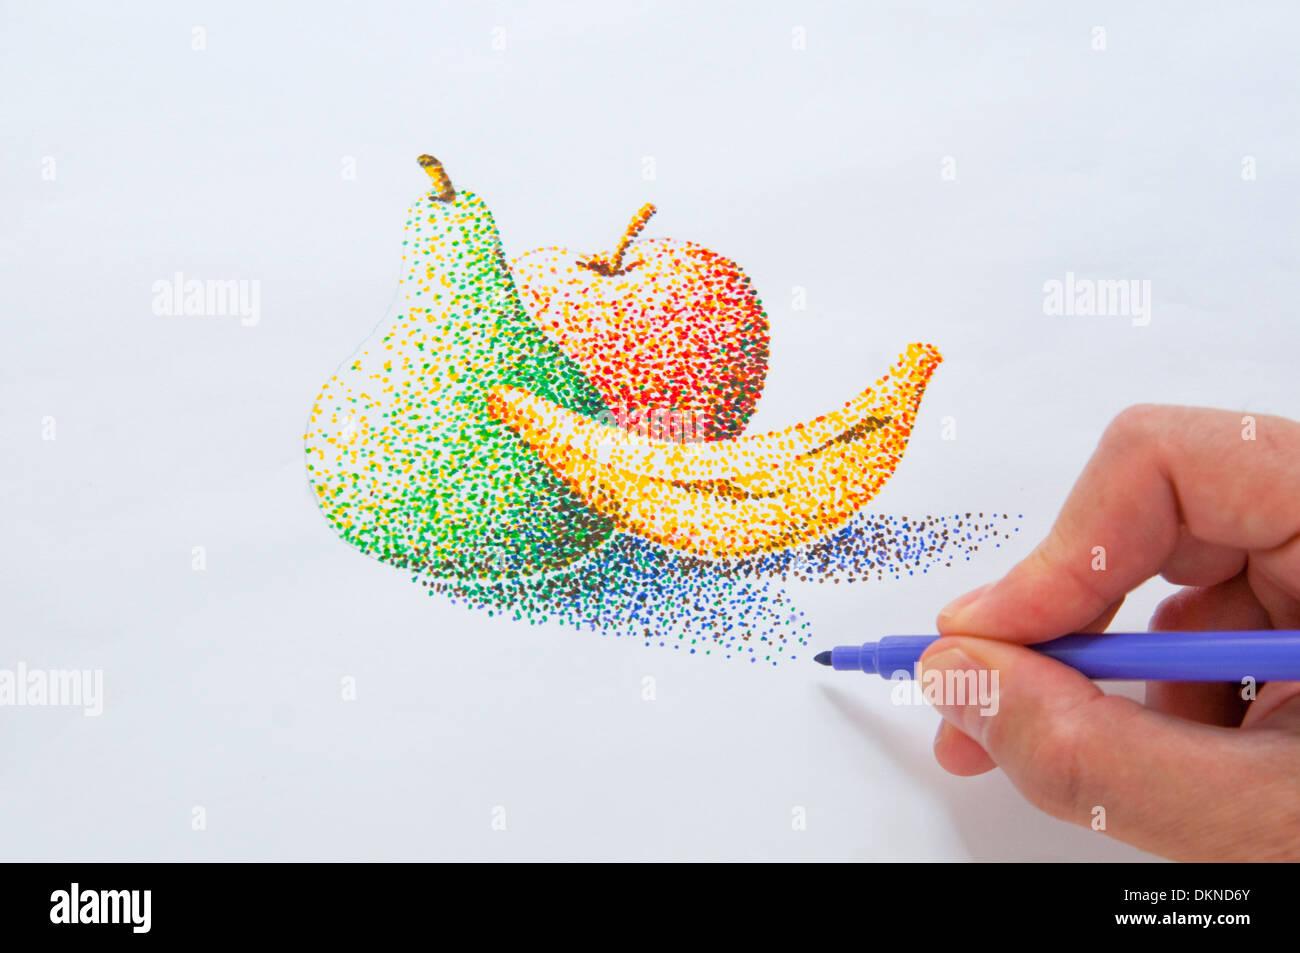 Mano d'uomo facendo un puntinismo disegno con pennarelli colorati. Chiudere la vista. Immagini Stock